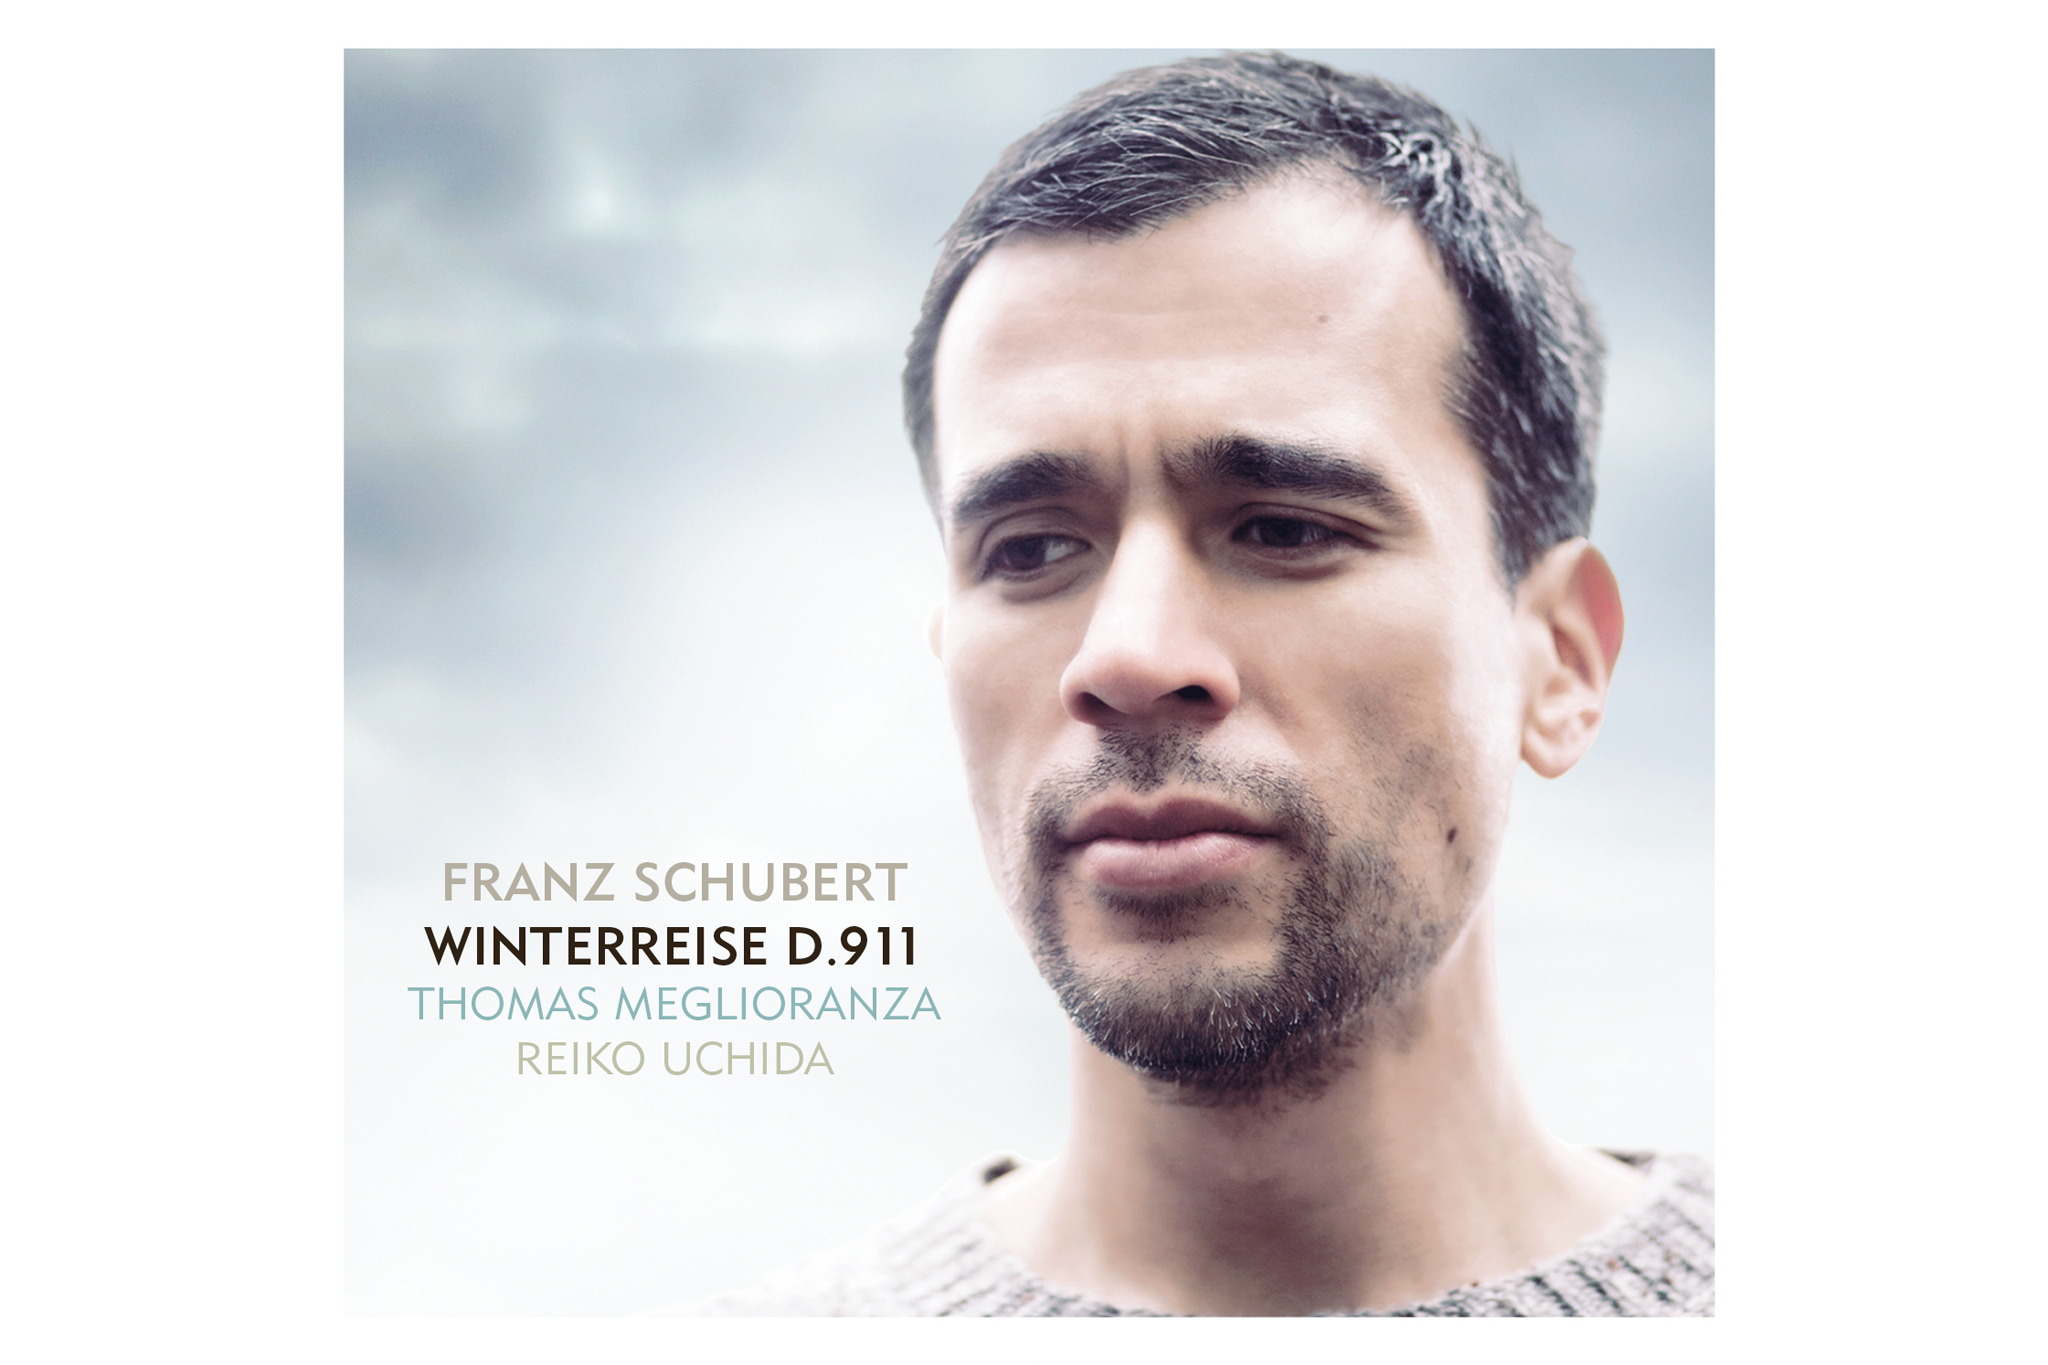 Album review: Thomas Meglioranza, Winterreise